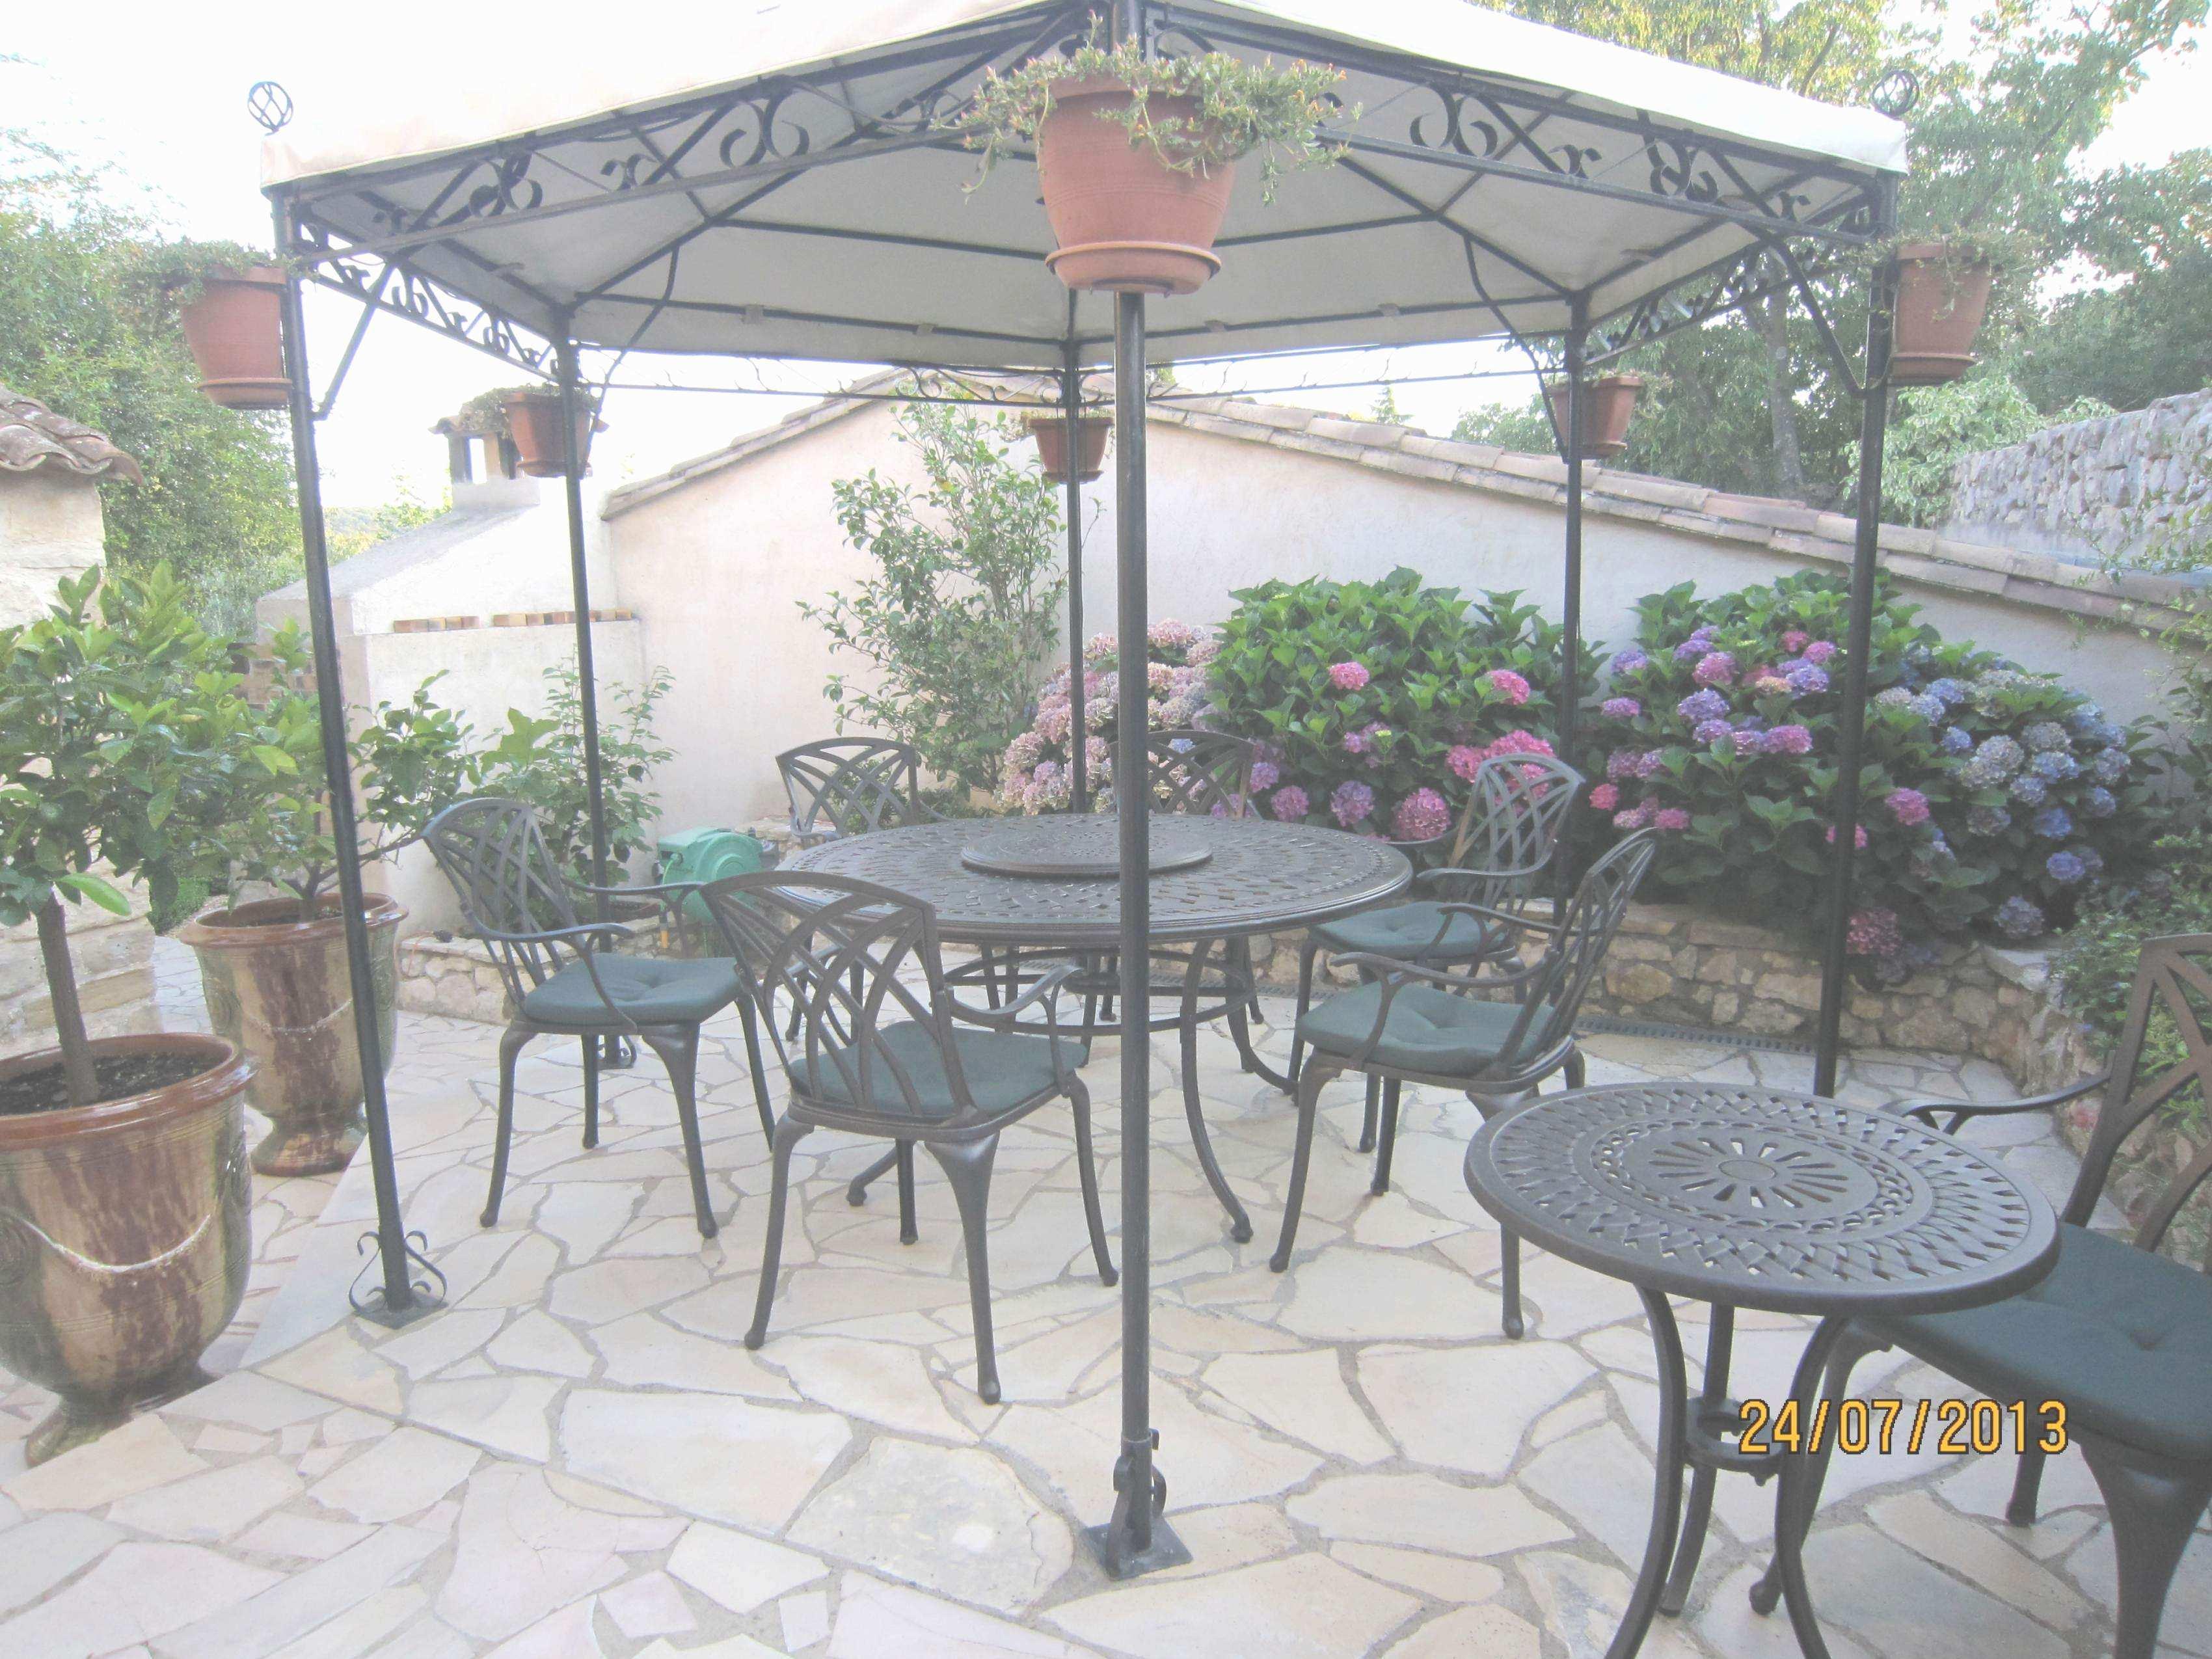 La redoute salon de jardin promotion abri de jardin et balancoire id e - La redoute salon jardin ...